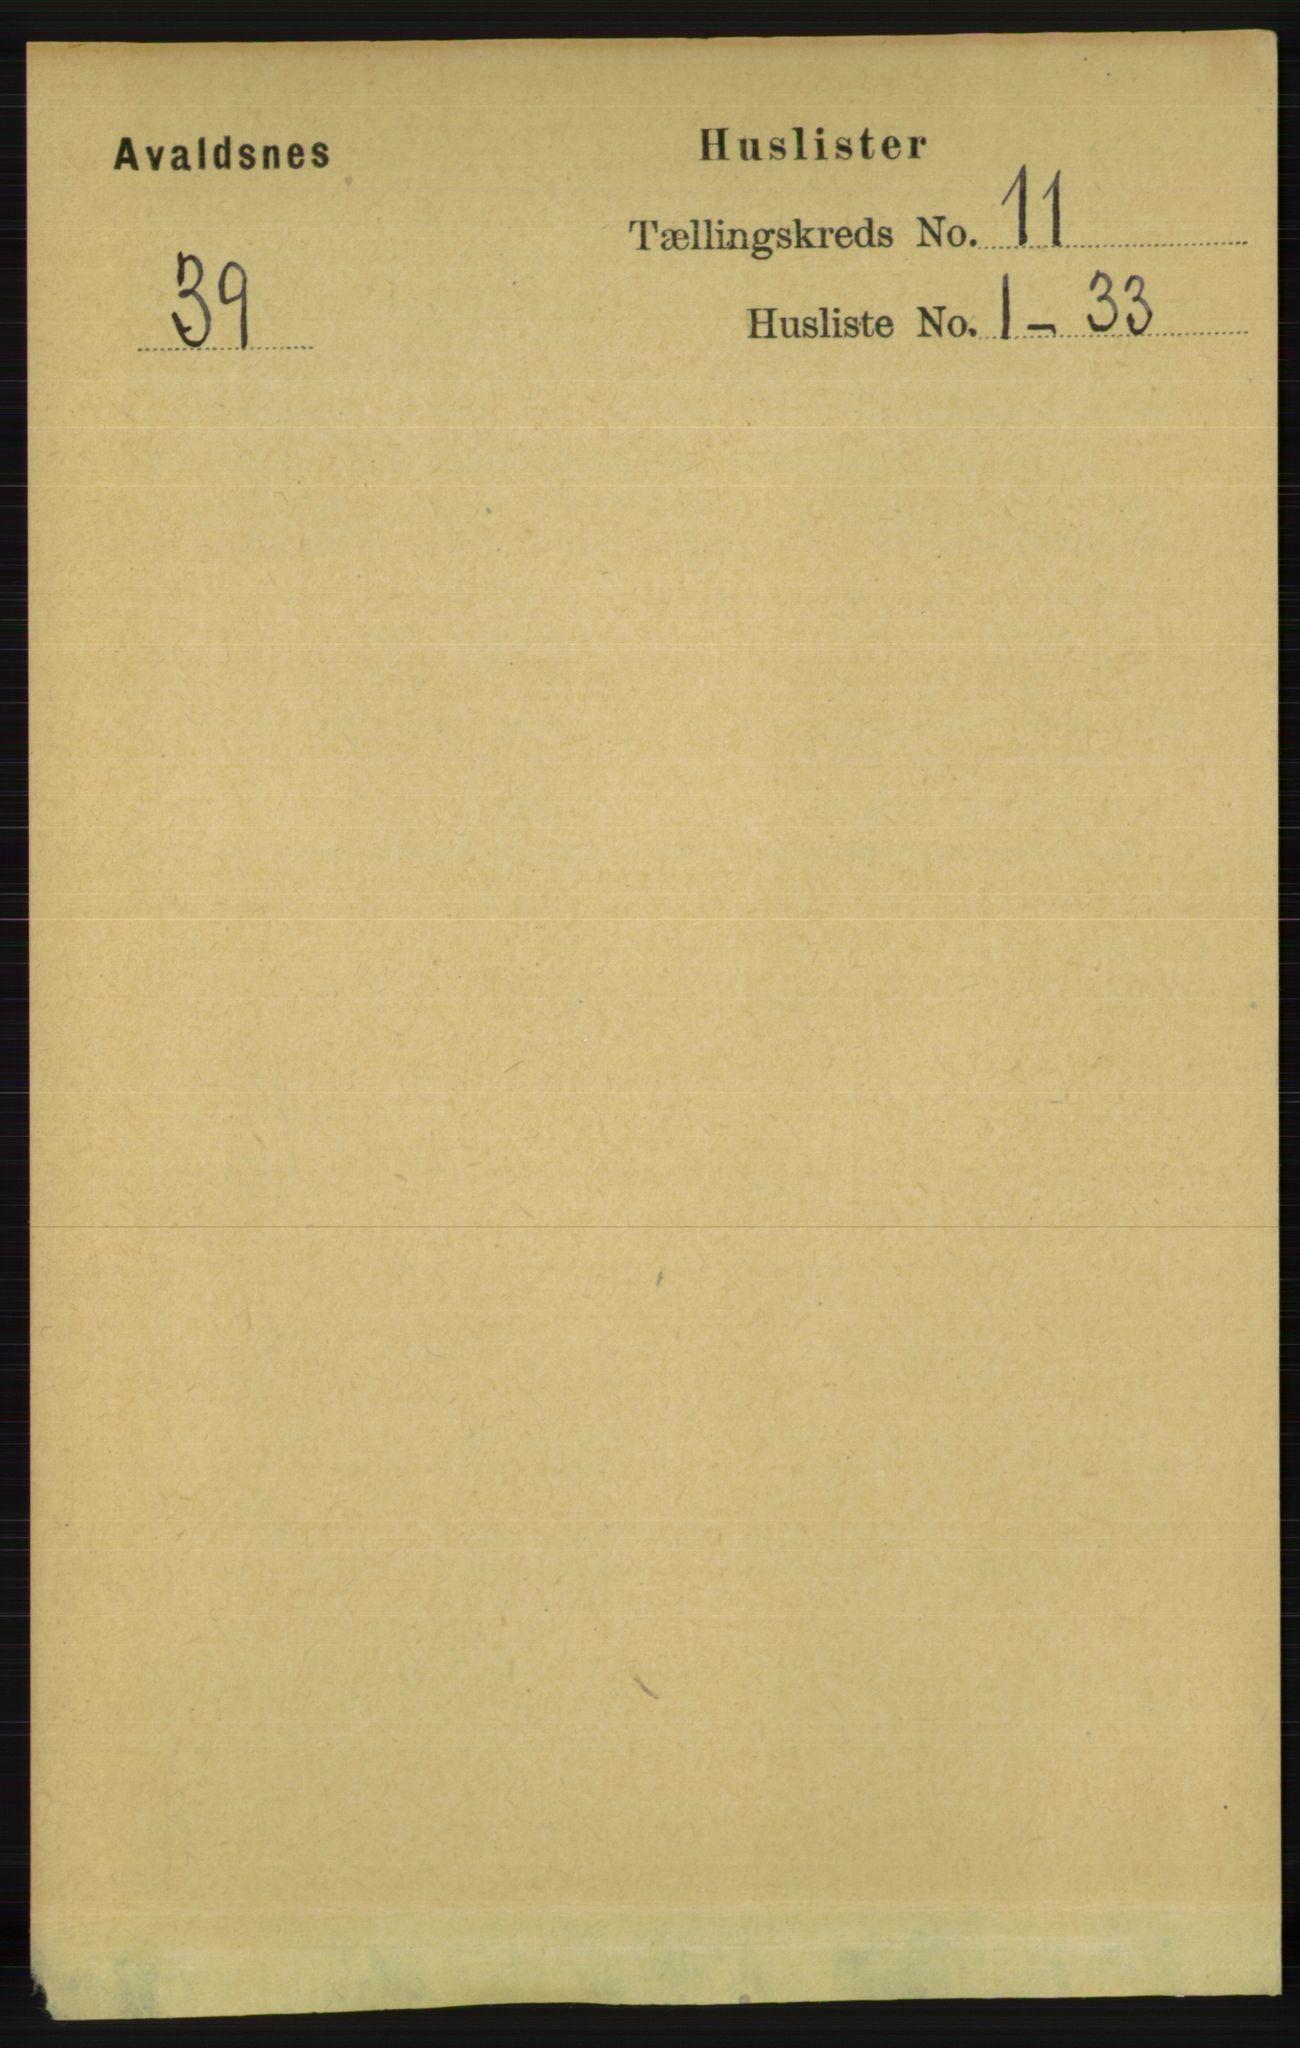 RA, Folketelling 1891 for 1147 Avaldsnes herred, 1891, s. 6166